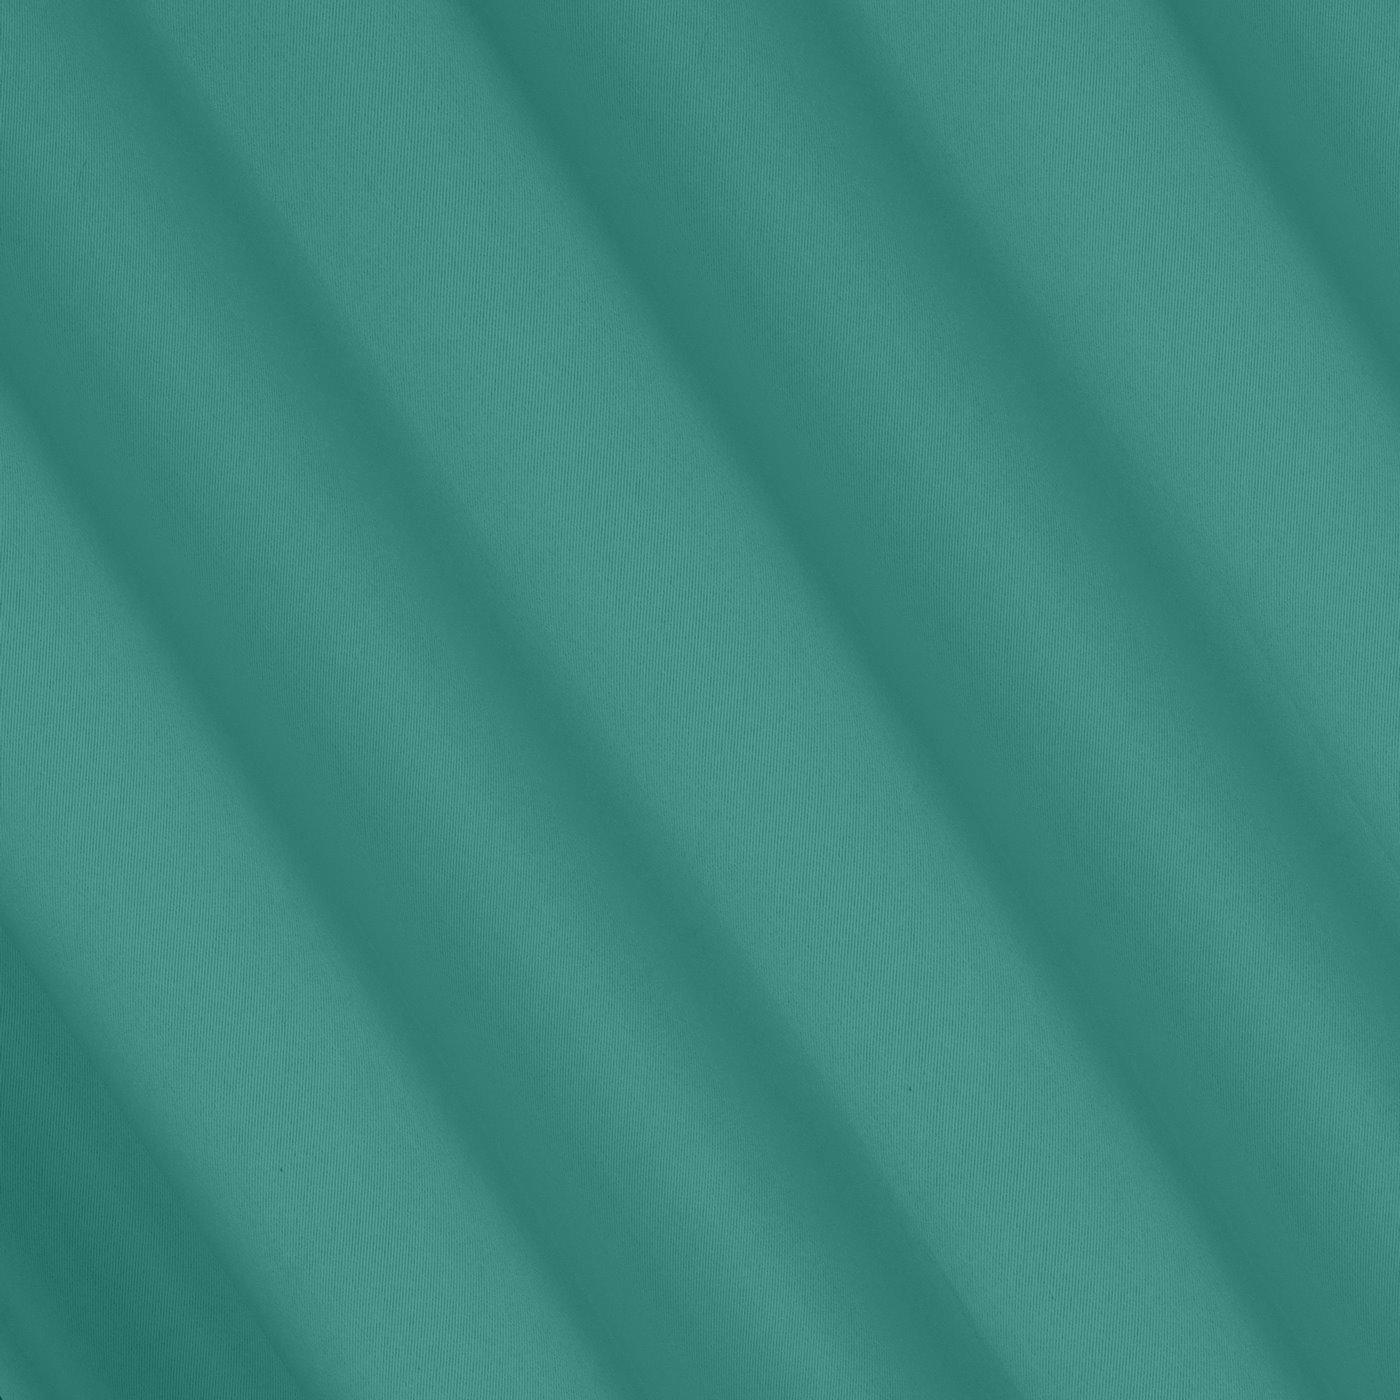 Gładka zasłona zaciemniająca turkusowa 135x250 przelotki